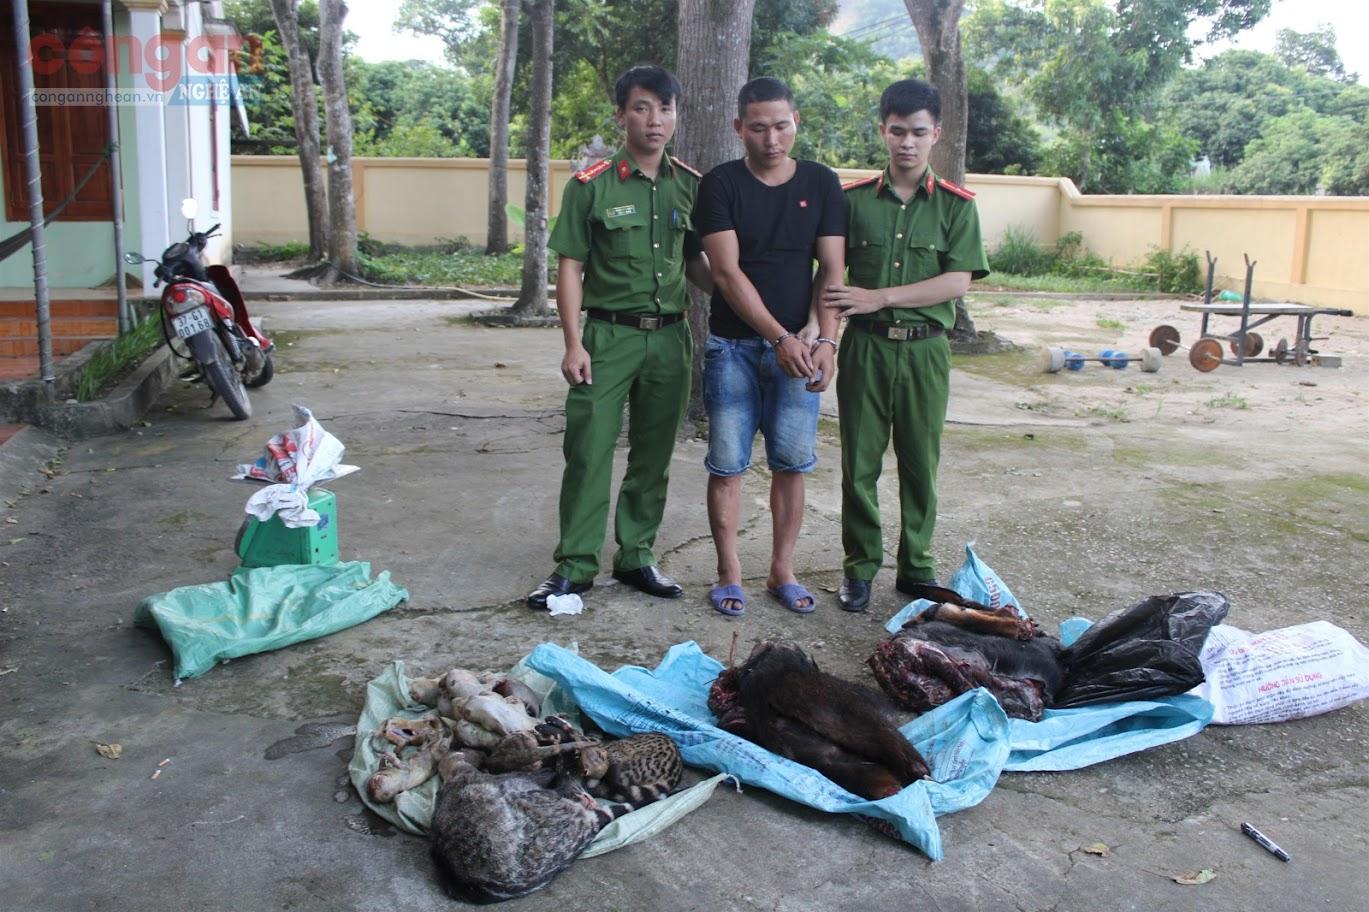 Phòng Cảnh sát Môi trường phối hợp với lực lượng chức năng bắt giữ  đối tượng (X) về hành vi mua bán, vận chuyển động vật hoang dã trái phép